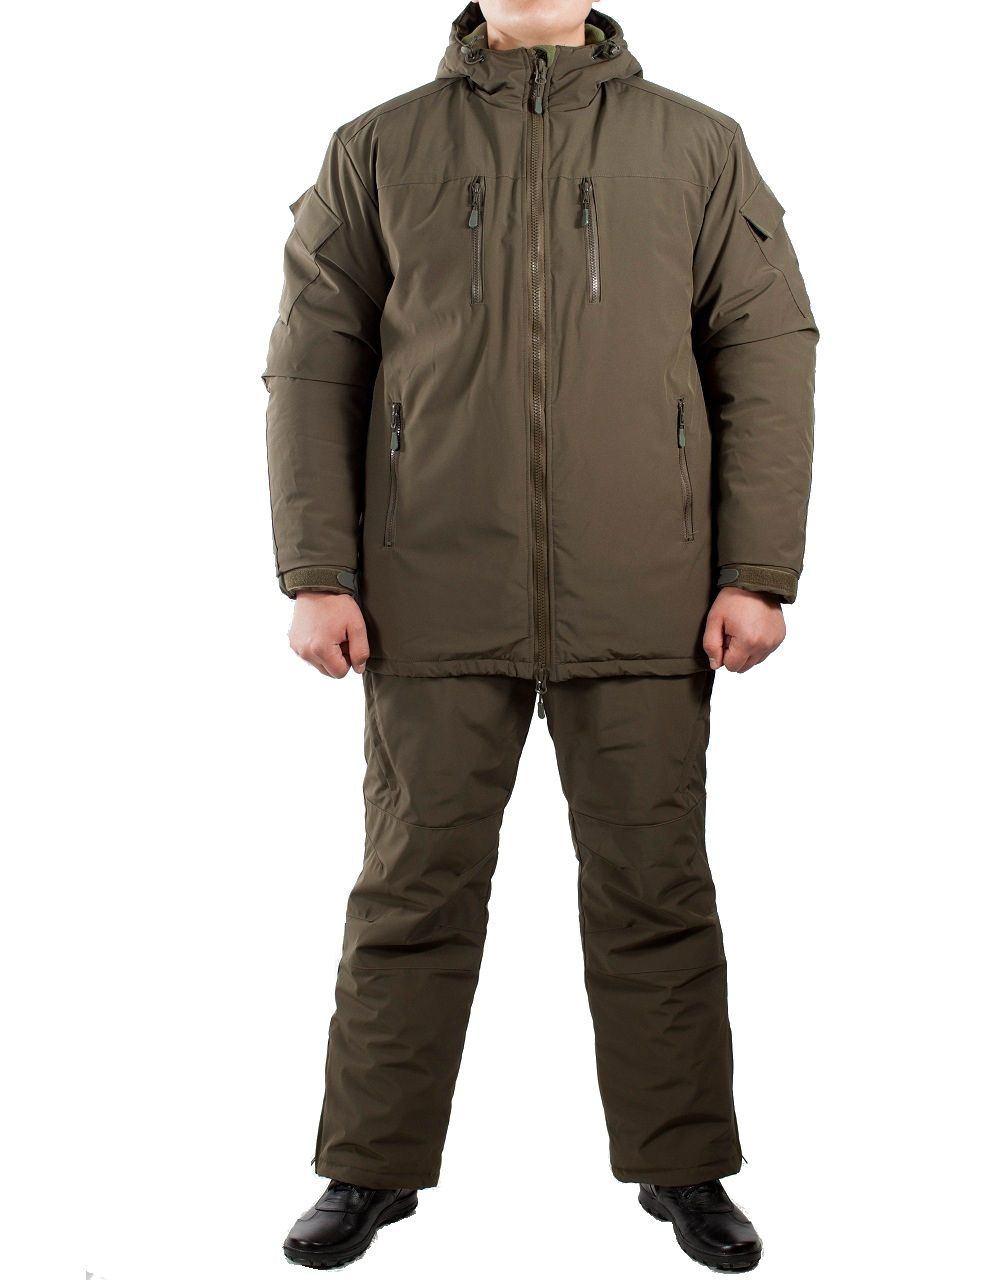 Костюм зимний МПА-38-01 (мембрана, хаки), Magellan Костюмы утепленные<br>Костюм состоит из брюк с плечевой разгрузочной <br>системой, а также куртки со съемным капюшоном <br>и утепляющей подкладкой. Разработан для <br>подразделений воооруженных сил, действующих <br>в условиях экстремального холода (до -50 <br>градусов Цельсия). ХАРАКТЕРИСТИКИ ЗАЩИТА <br>ОТ ХОЛОДА ДЛЯ ИНТЕНСИВНЫХ НАГРУЗОК ДЛЯ <br>АКТИВНОГО ОТДЫХА ТОЛЬКО РУЧНАЯ СТИРКА МАТЕРИАЛЫ <br>МЕМБРАНА УТЕПЛИТЕЛЬ ФАЙБЕРСОФТ<br><br>Пол: мужской<br>Размер: 44<br>Рост: 164<br>Сезон: зима<br>Цвет: оливковый<br>Материал: мембрана